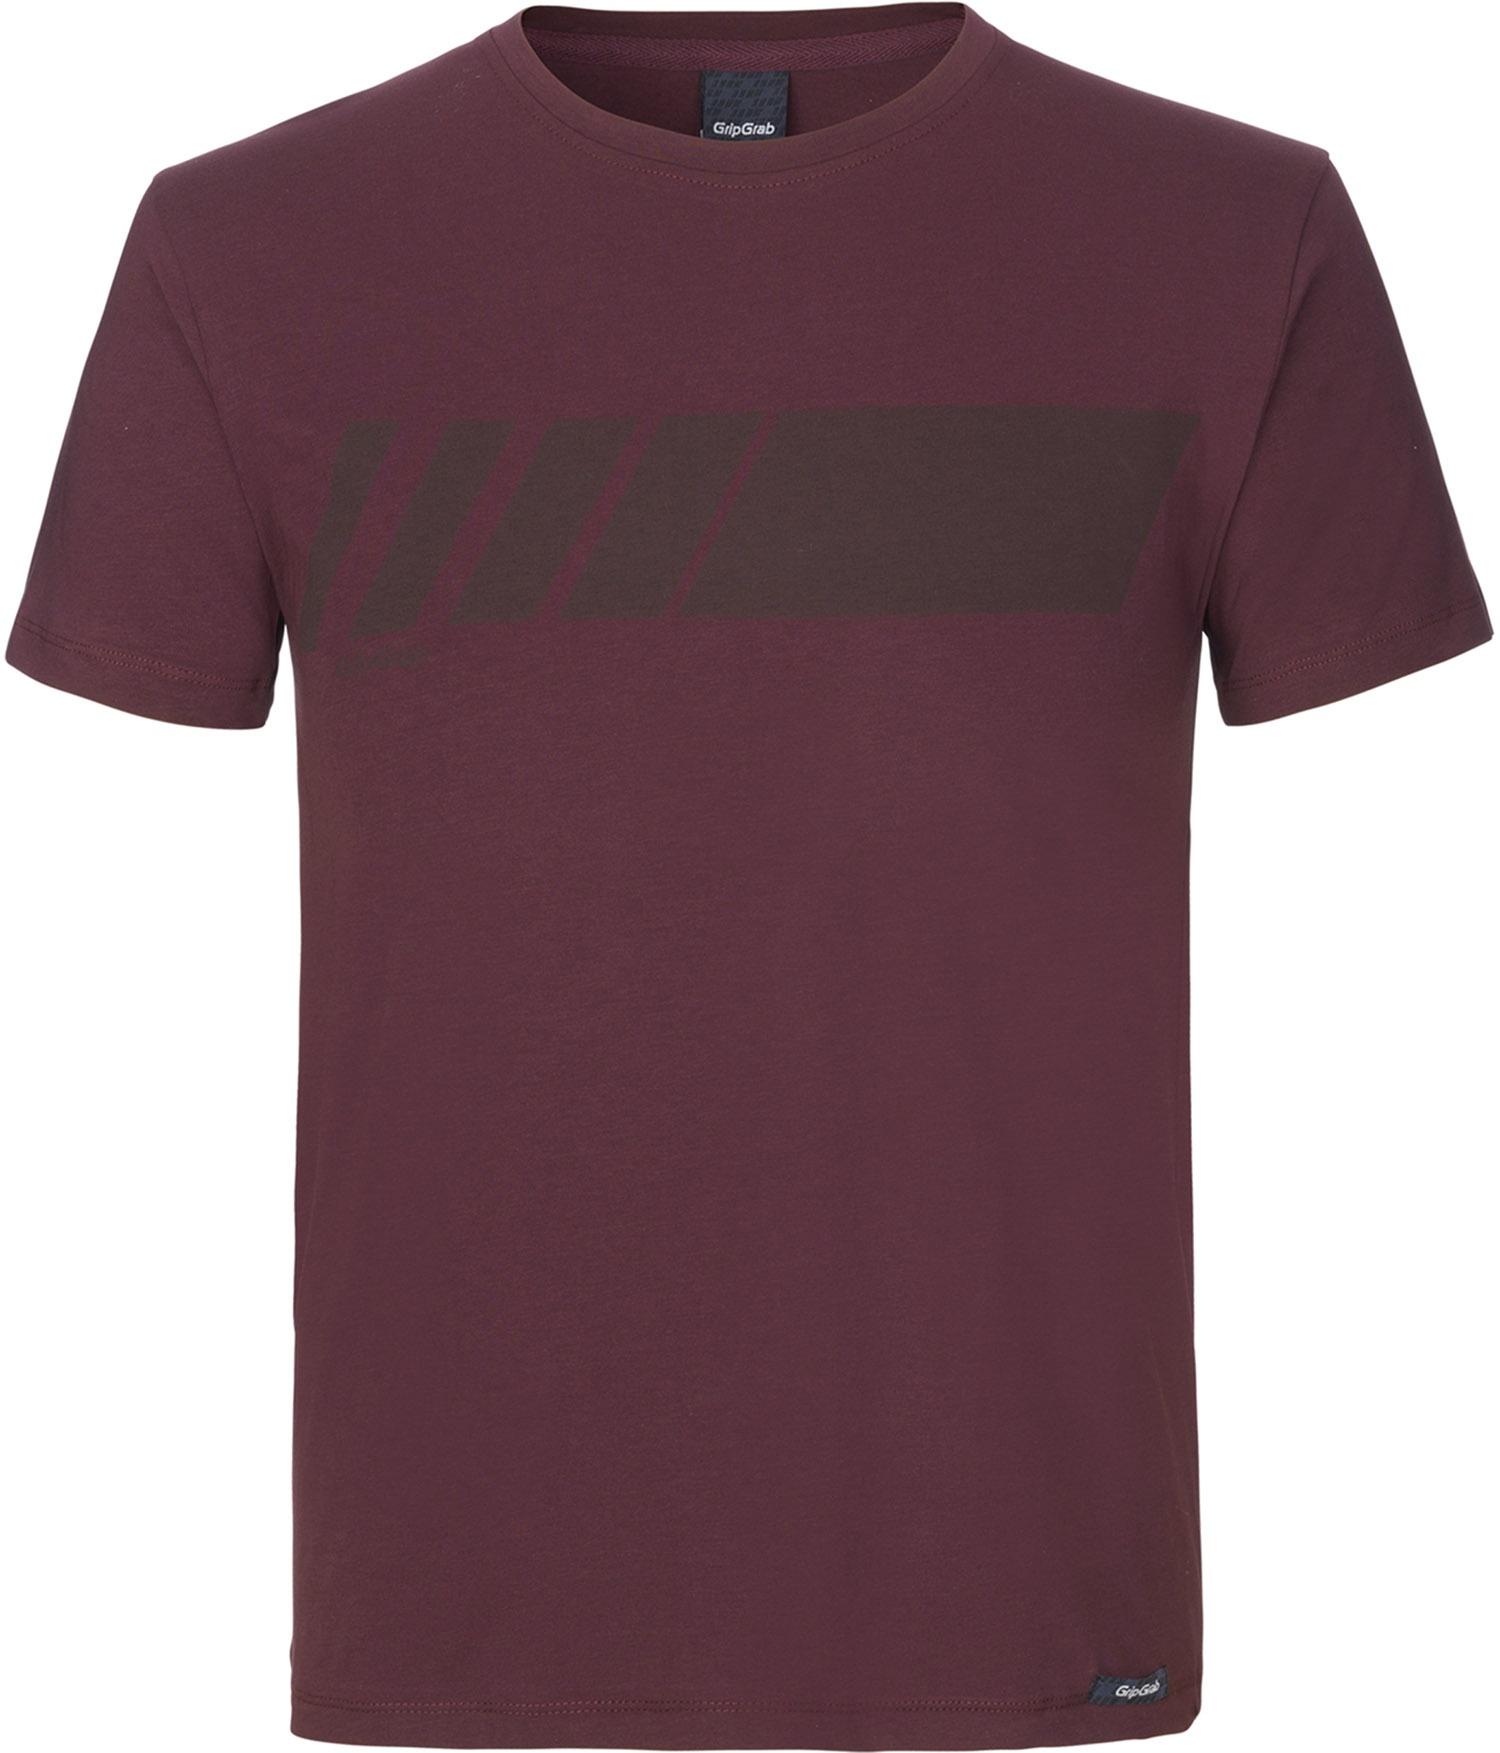 GripGrab Racing Stripe Kortærmet Økologisk Bomulds-T-shirt - Mørk Rød